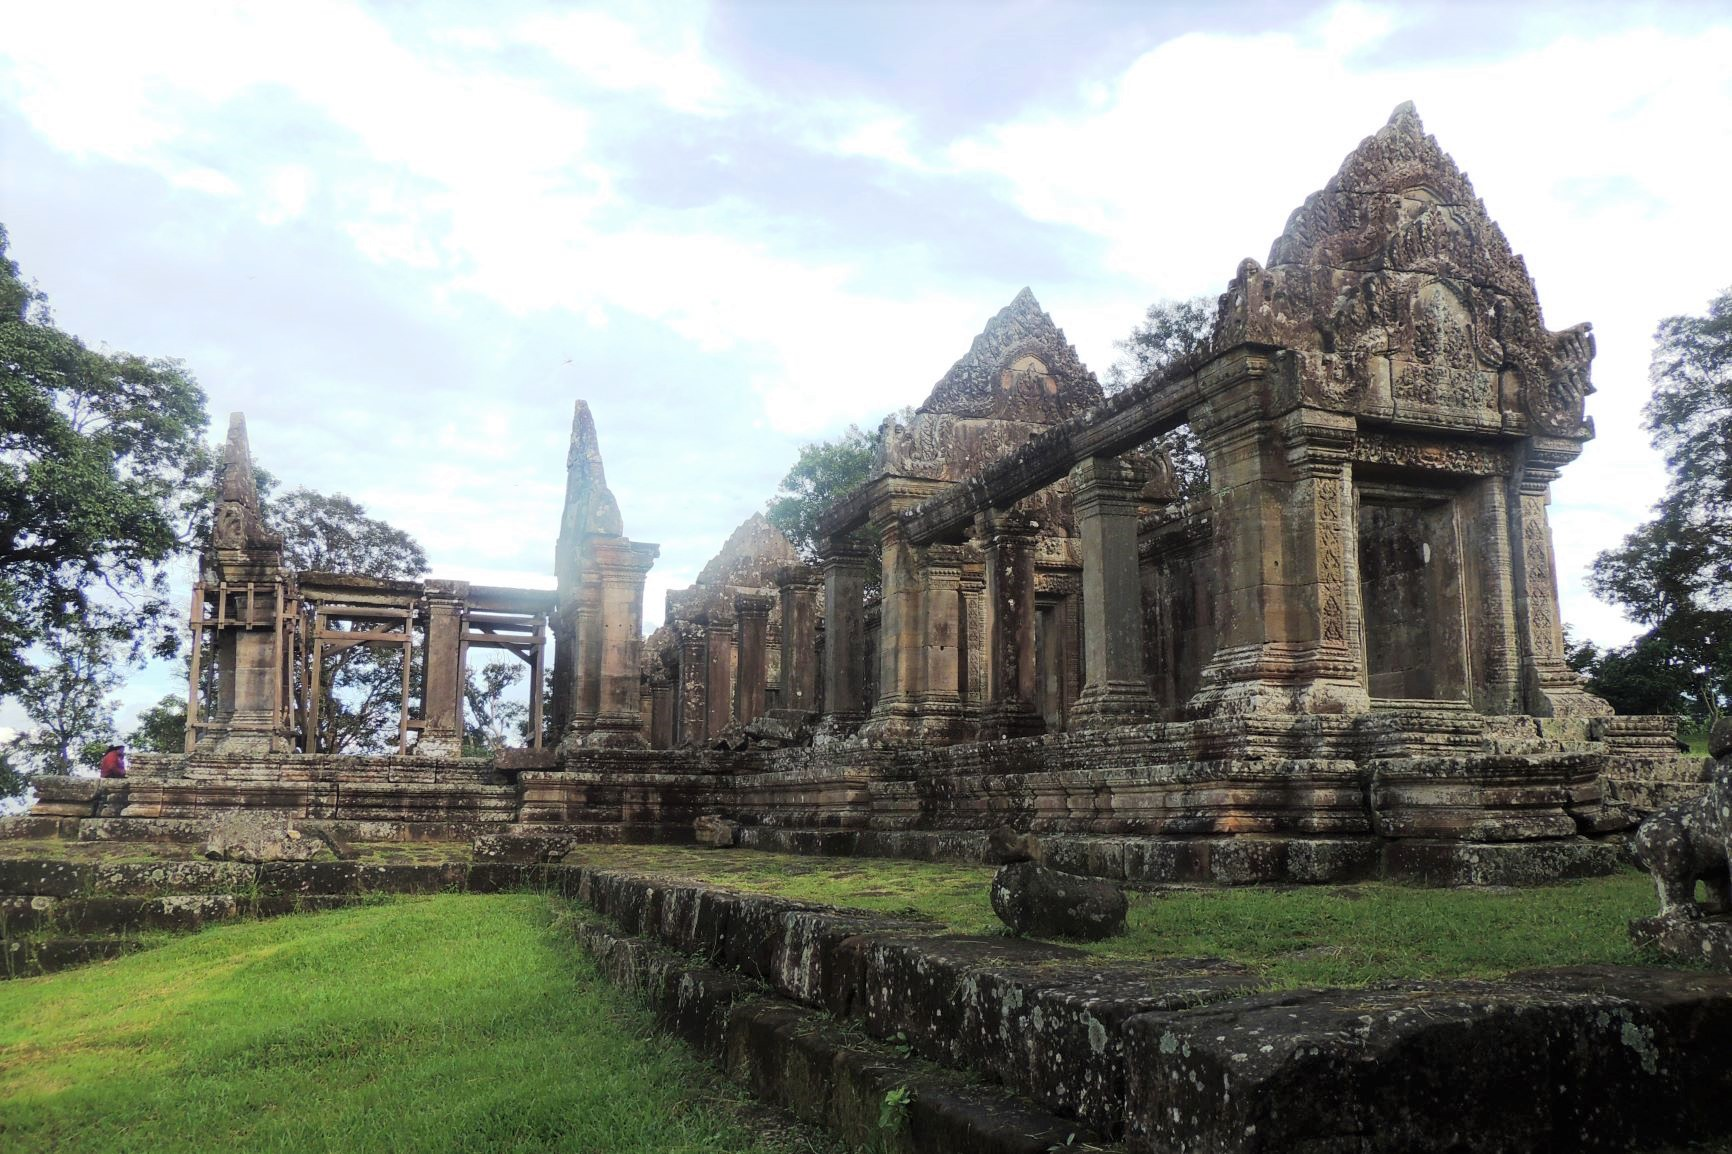 天空の寺院と称されるプレア・ヴィヘアの5つの塔門をゆっくり探訪(5日目)